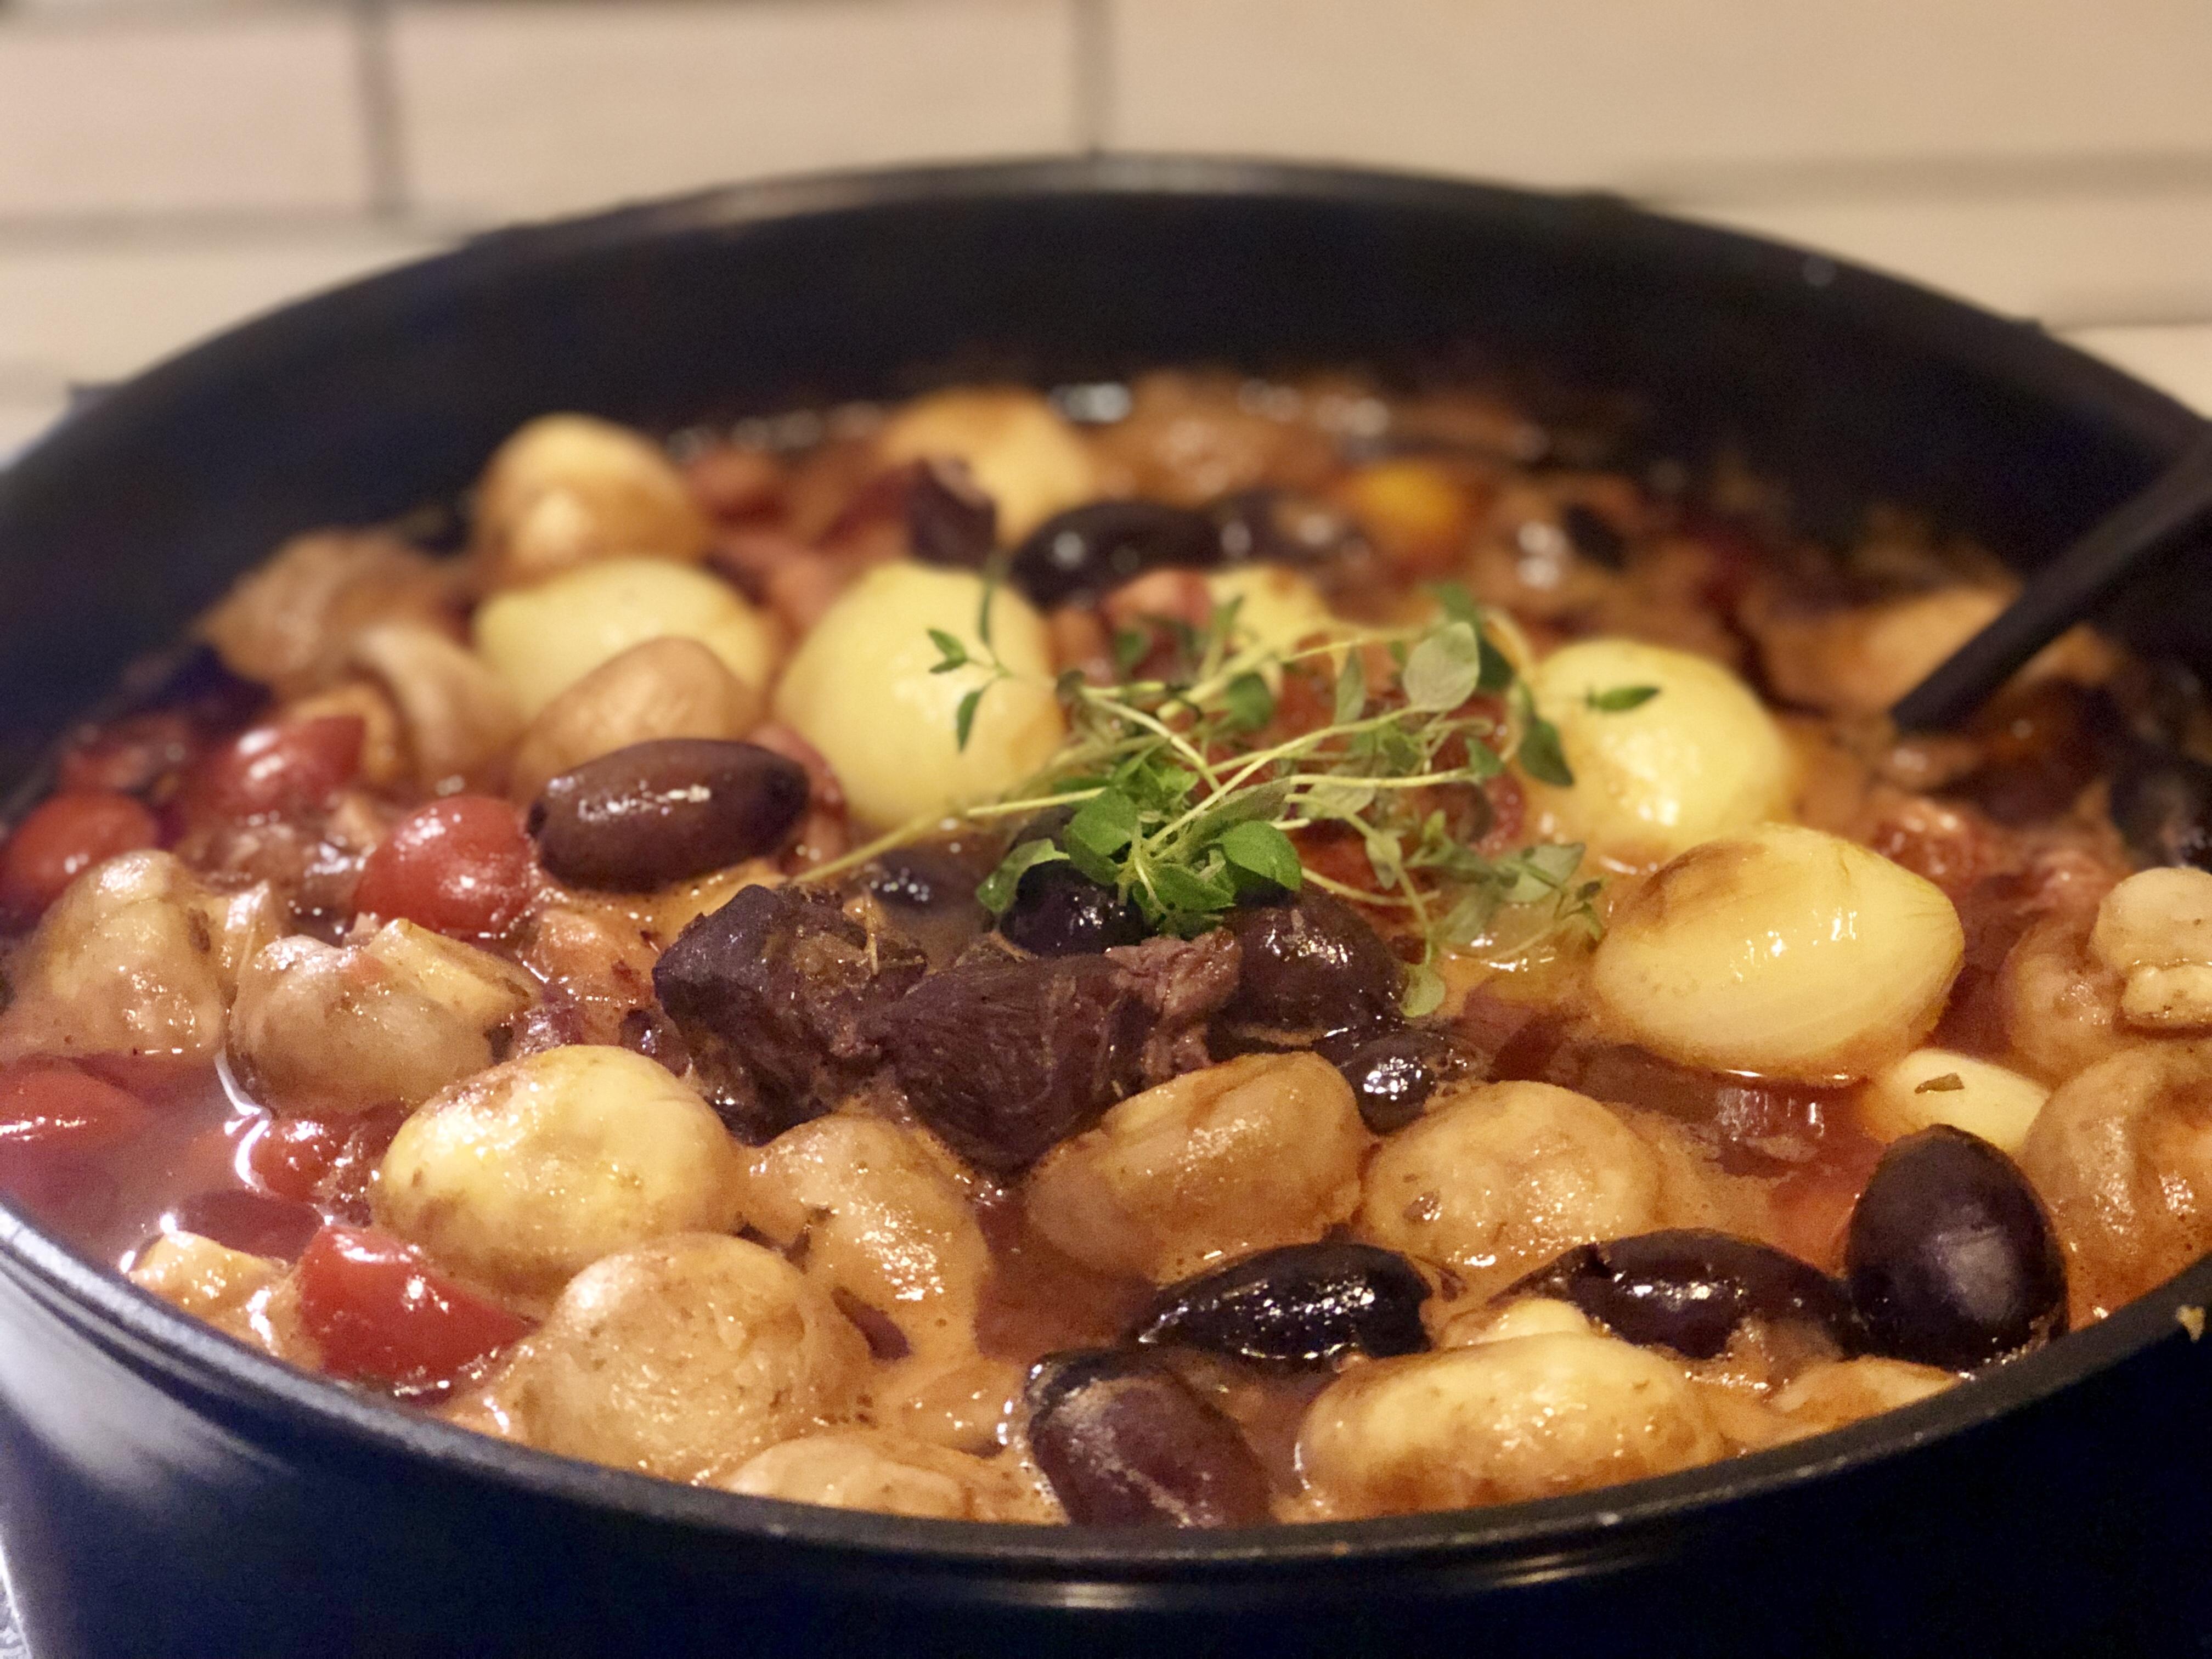 Pluras lamm lammgryta vin tomat lök champinjoner sidfläsk oliver timjan morot